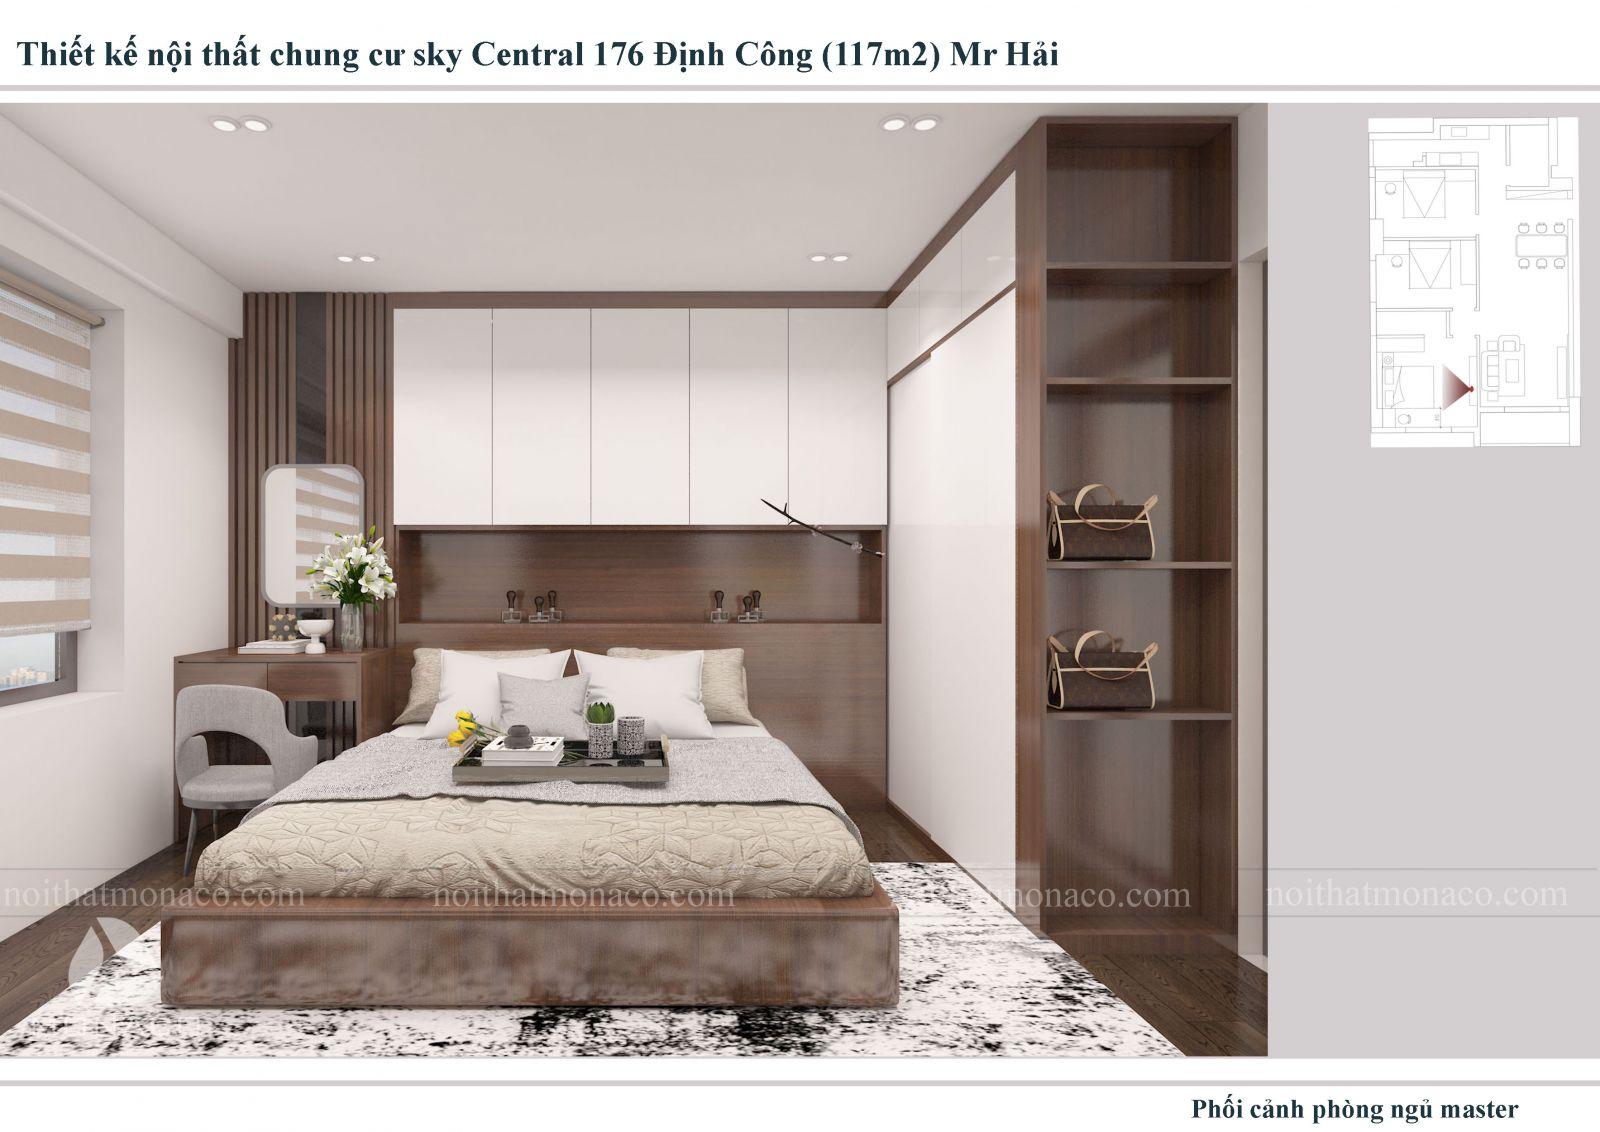 Thiết kế nội thất  phòng ngủ chung cu sky central